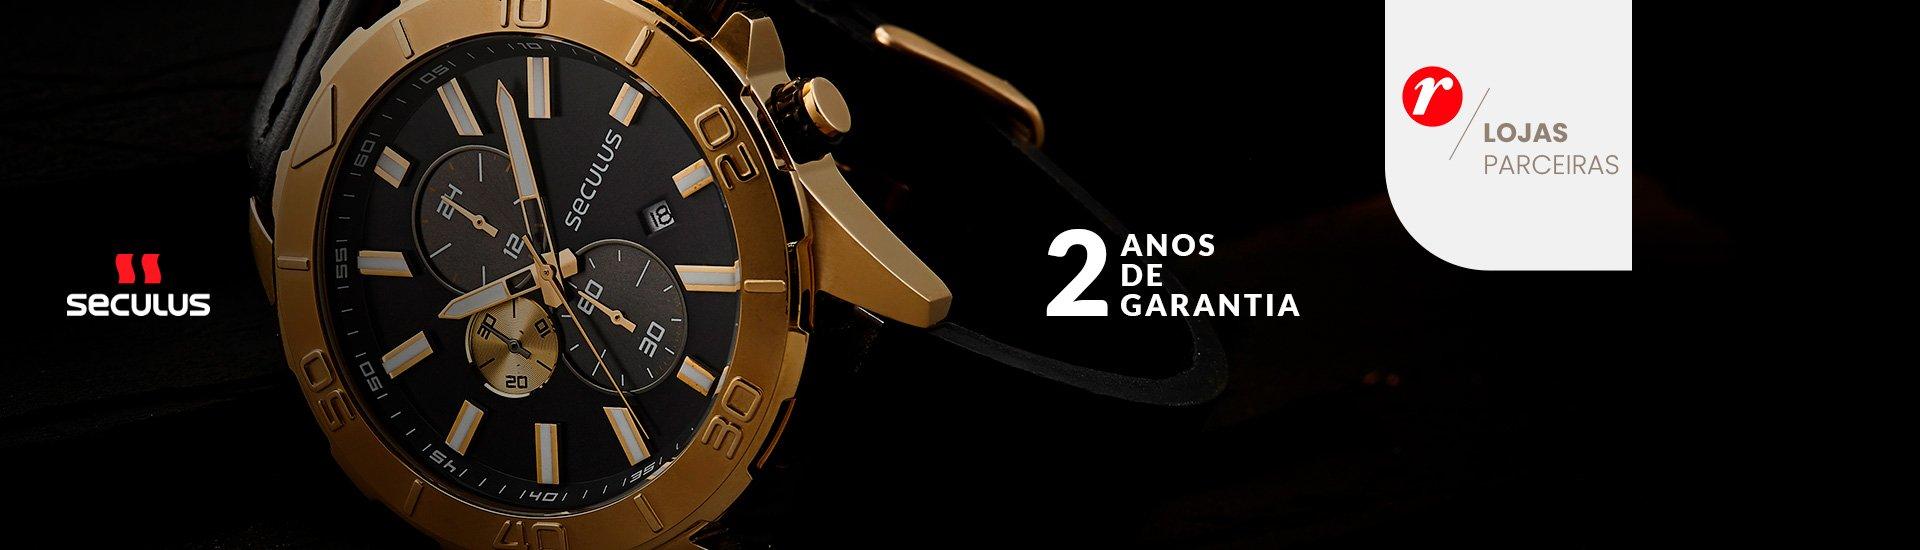 20210715 MARKETPLACE CARROSSEL MODA SECULUS RELOGIOS DESK